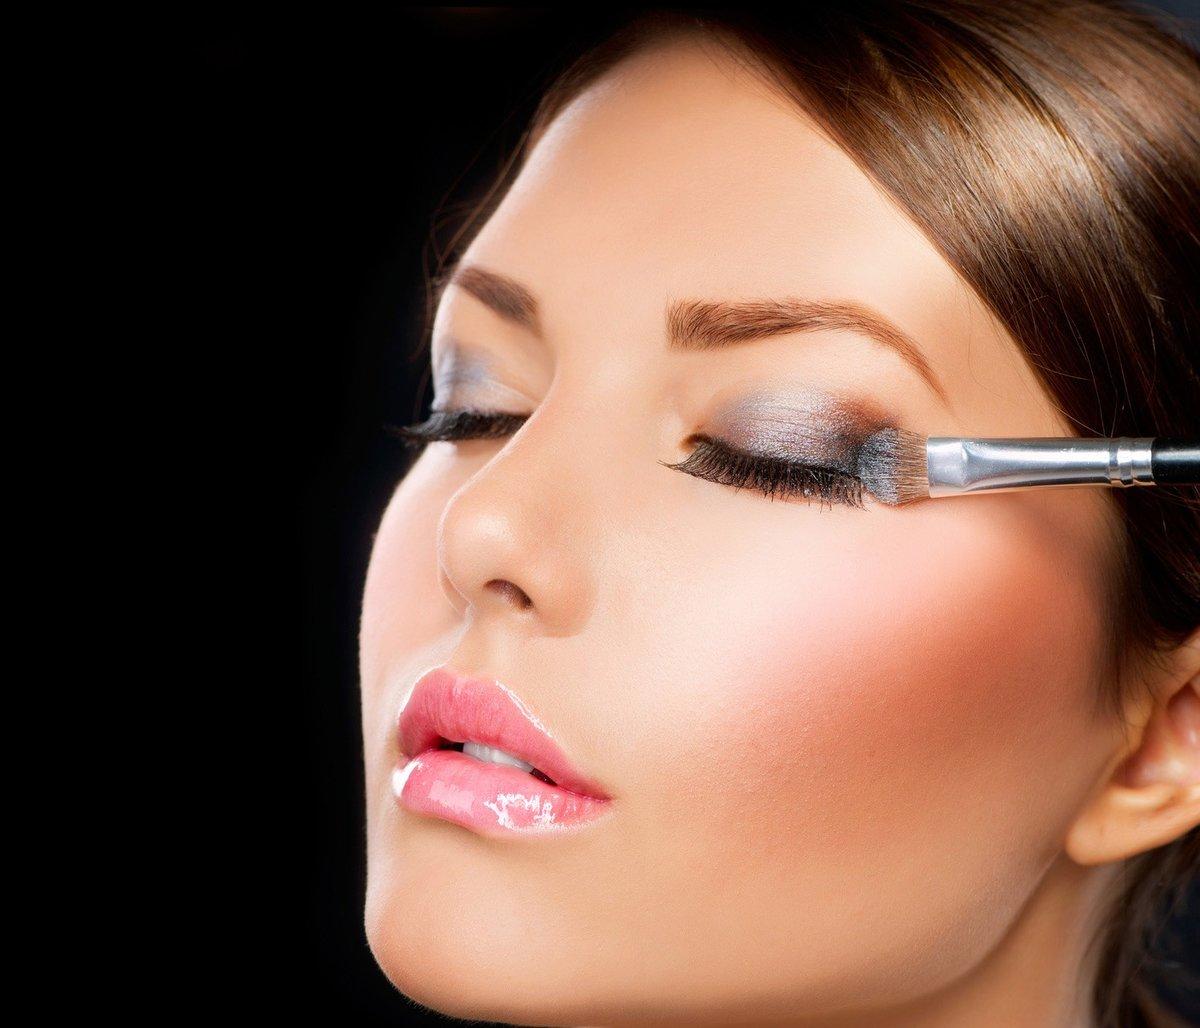 Дневной макияж или вечерний